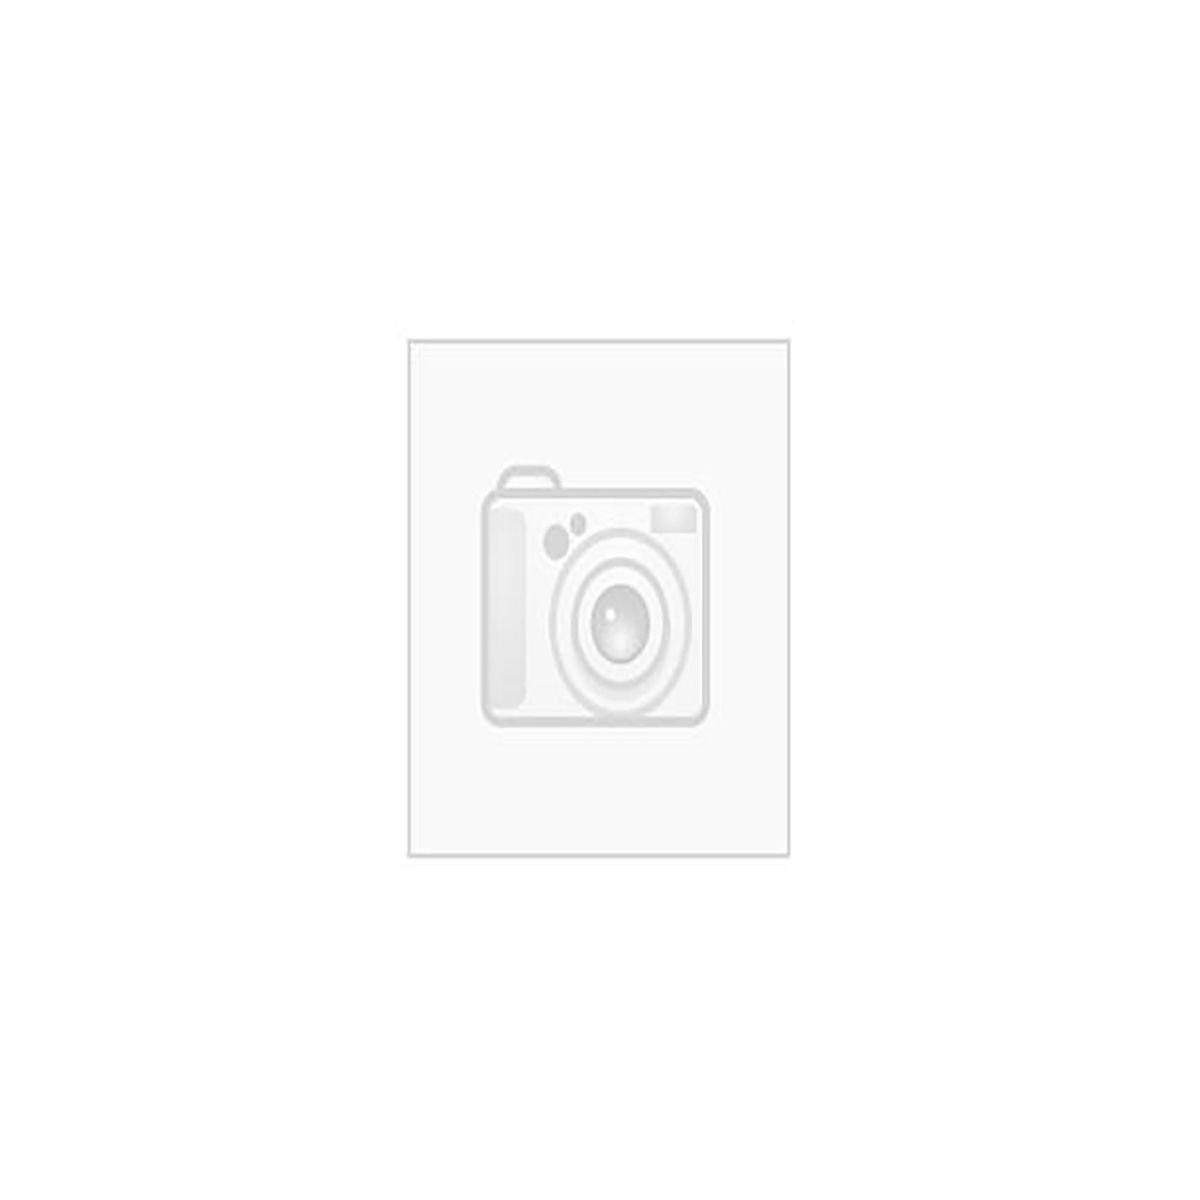 Sanipex Vinkelventil til fordeler 1x16 mm